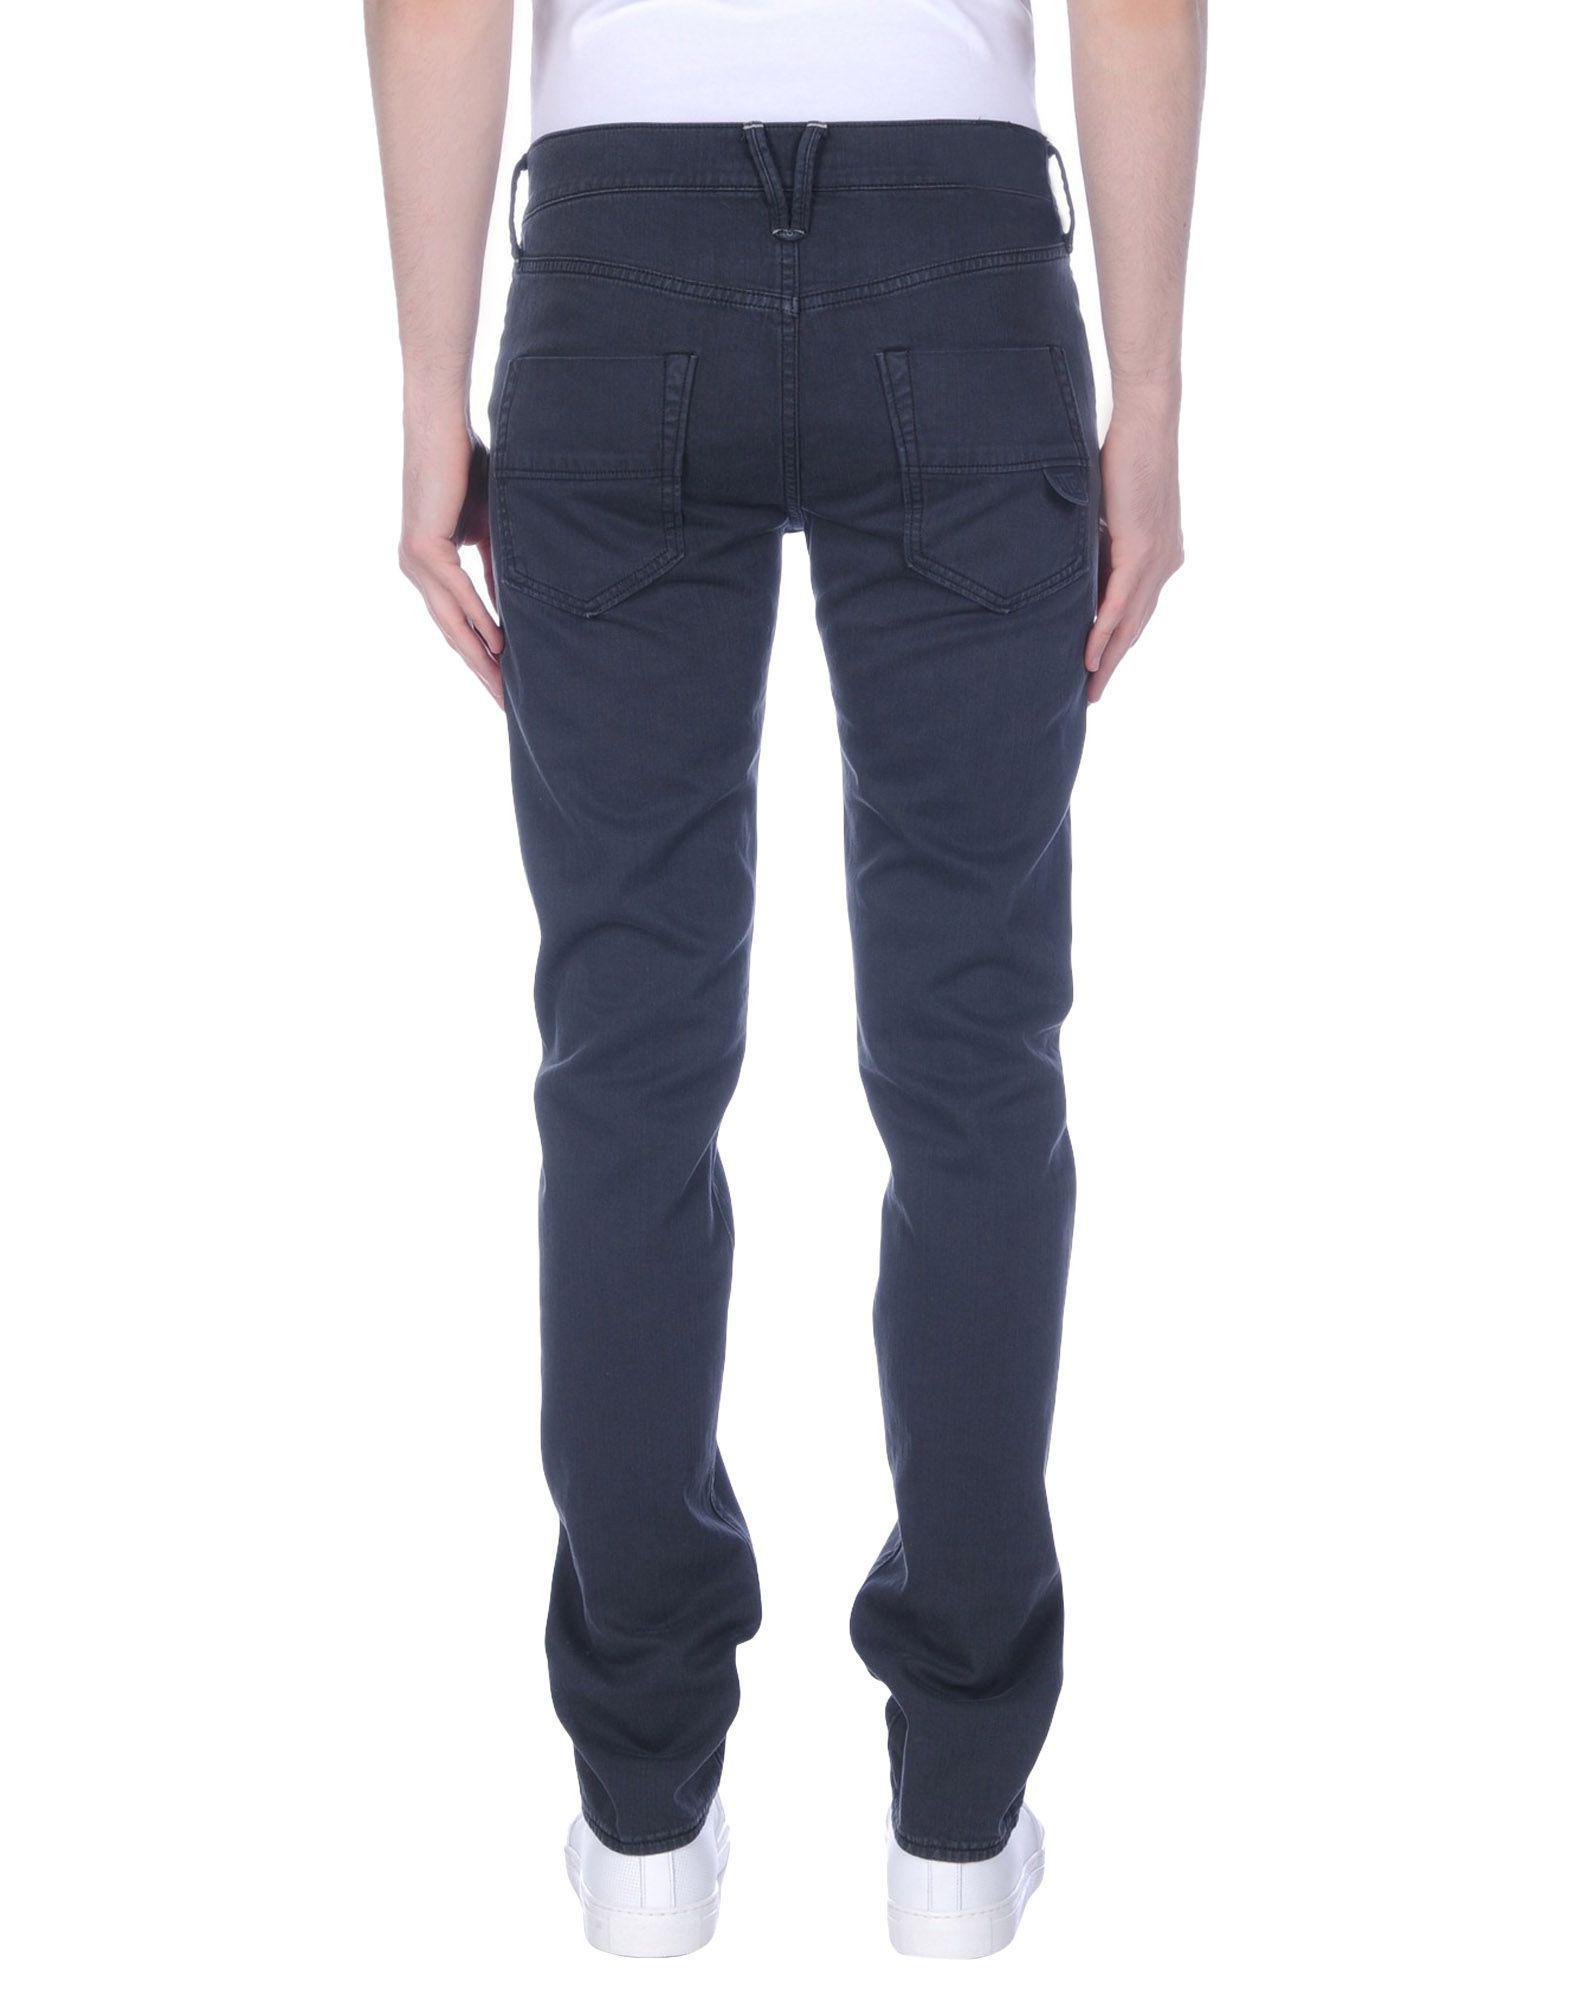 HTC Denim Pants in Black for Men